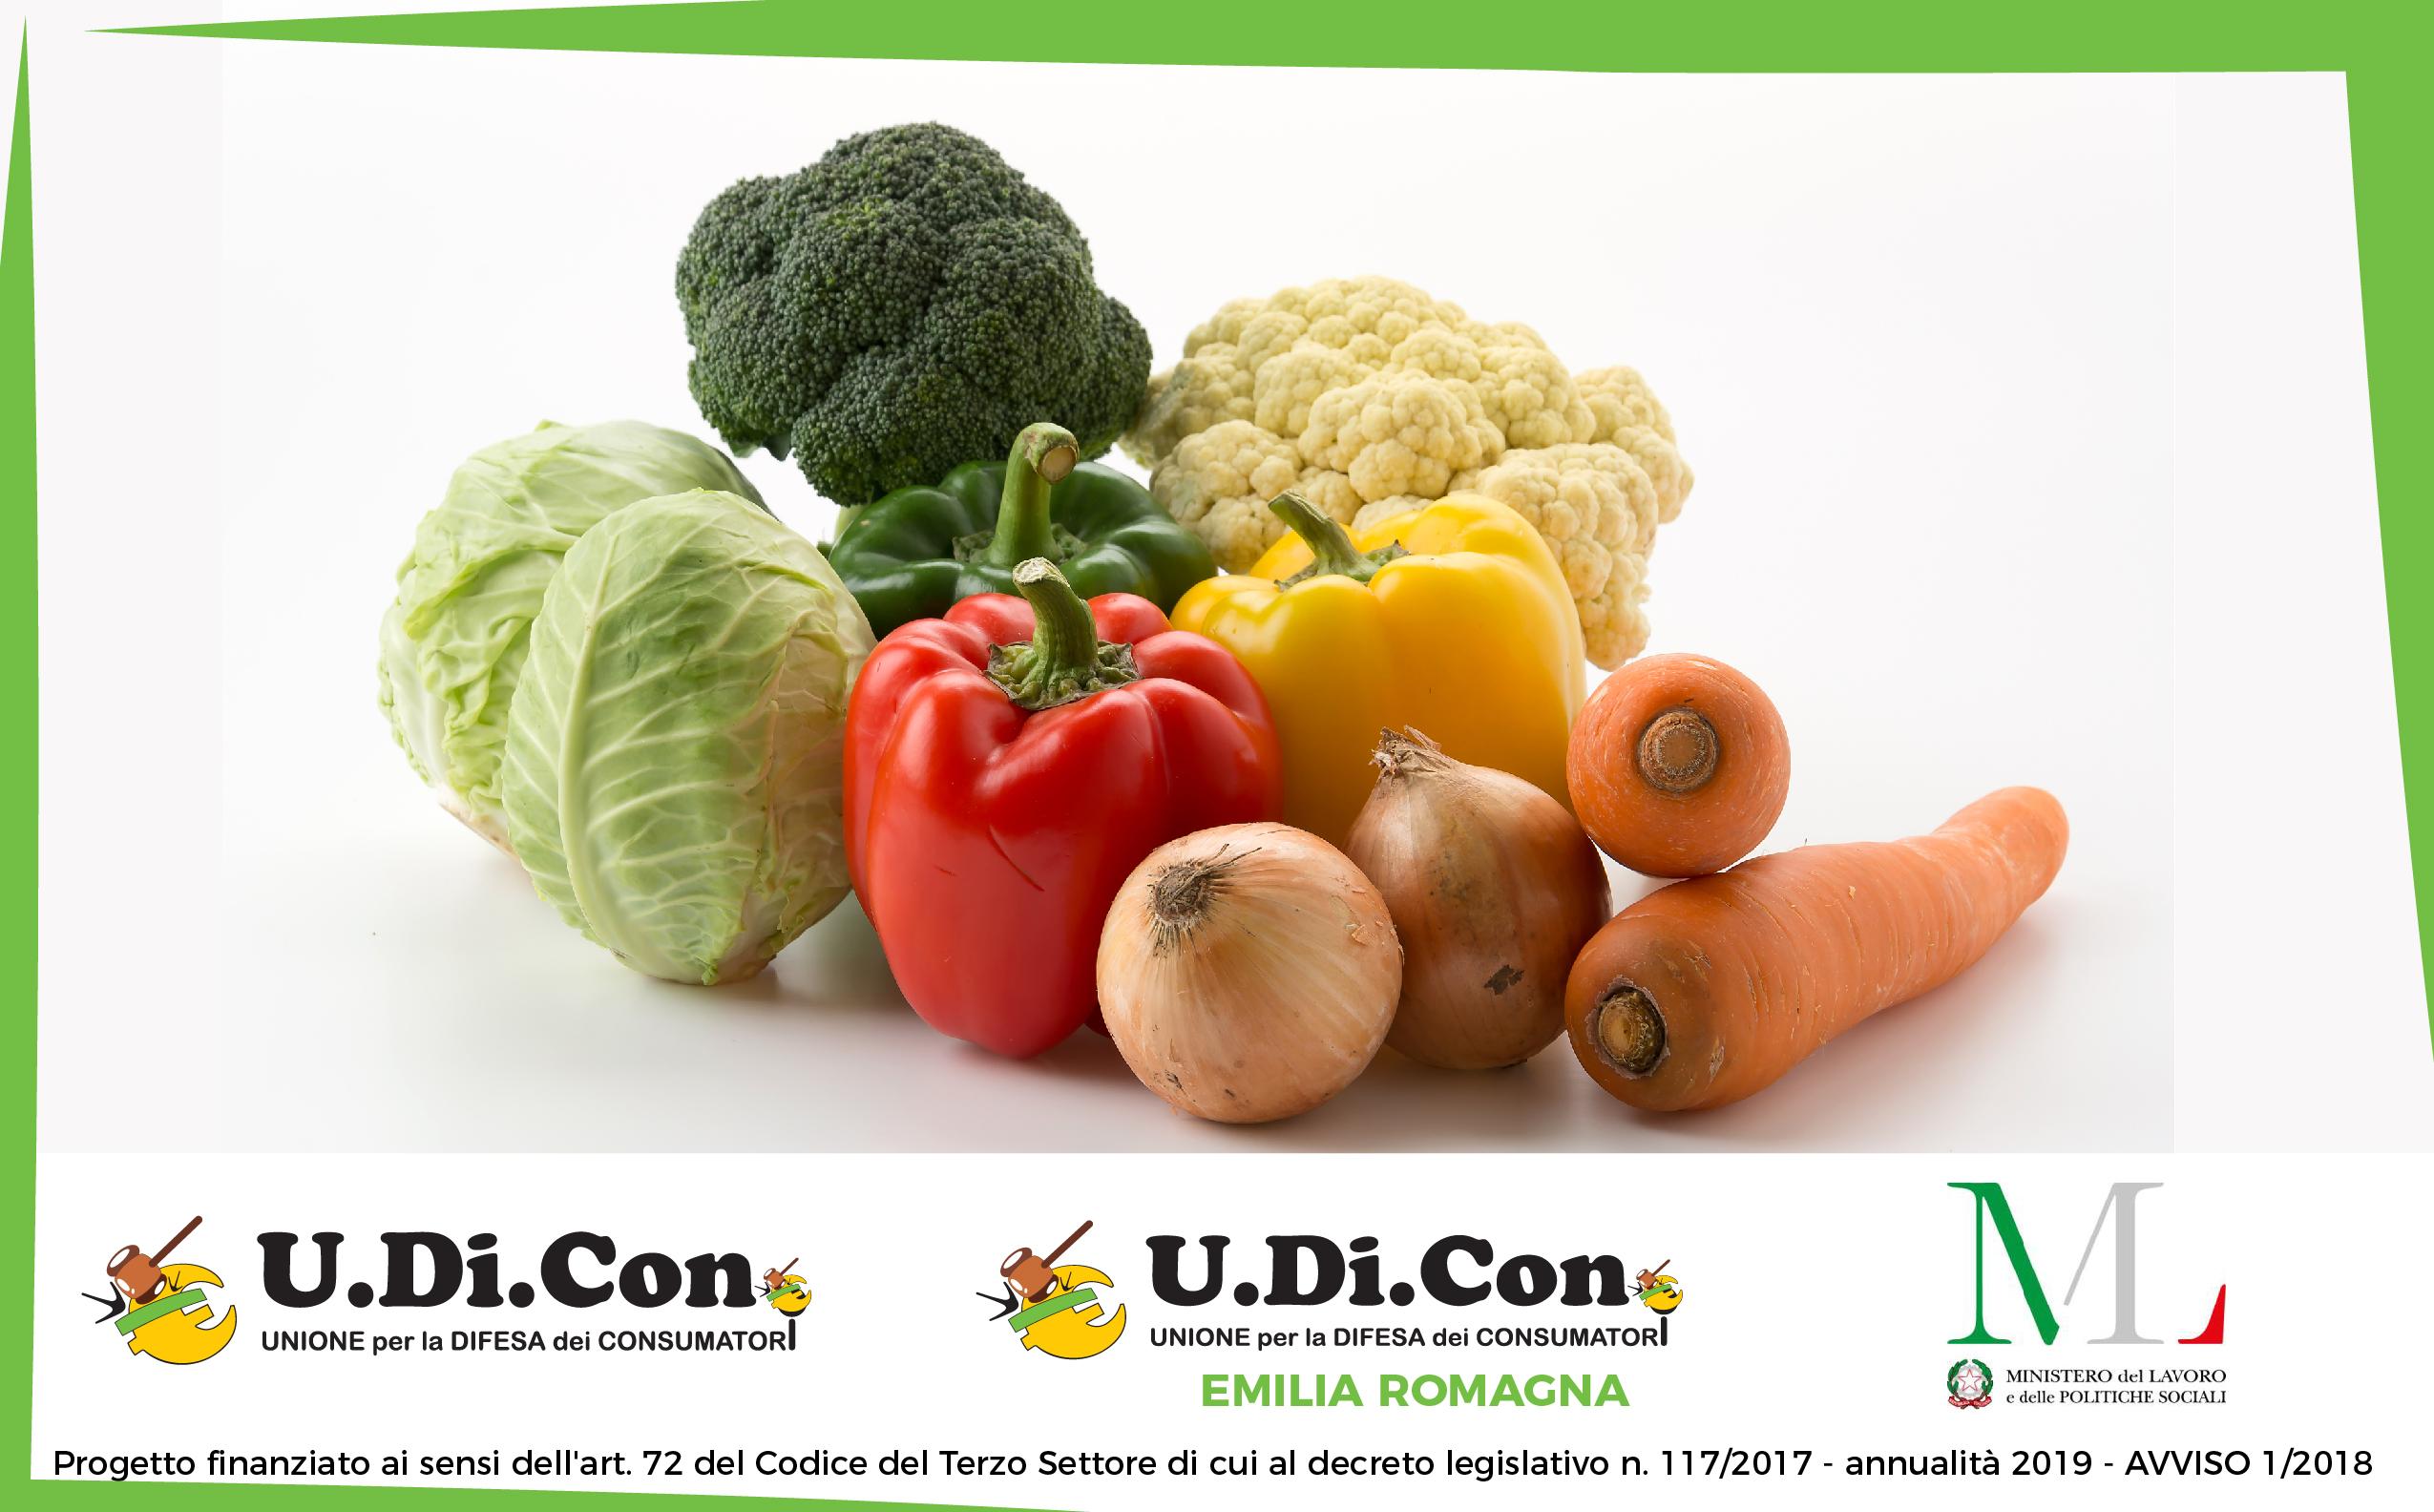 Frutta e verdura di stagione fanno bene a noi e all'ambiente